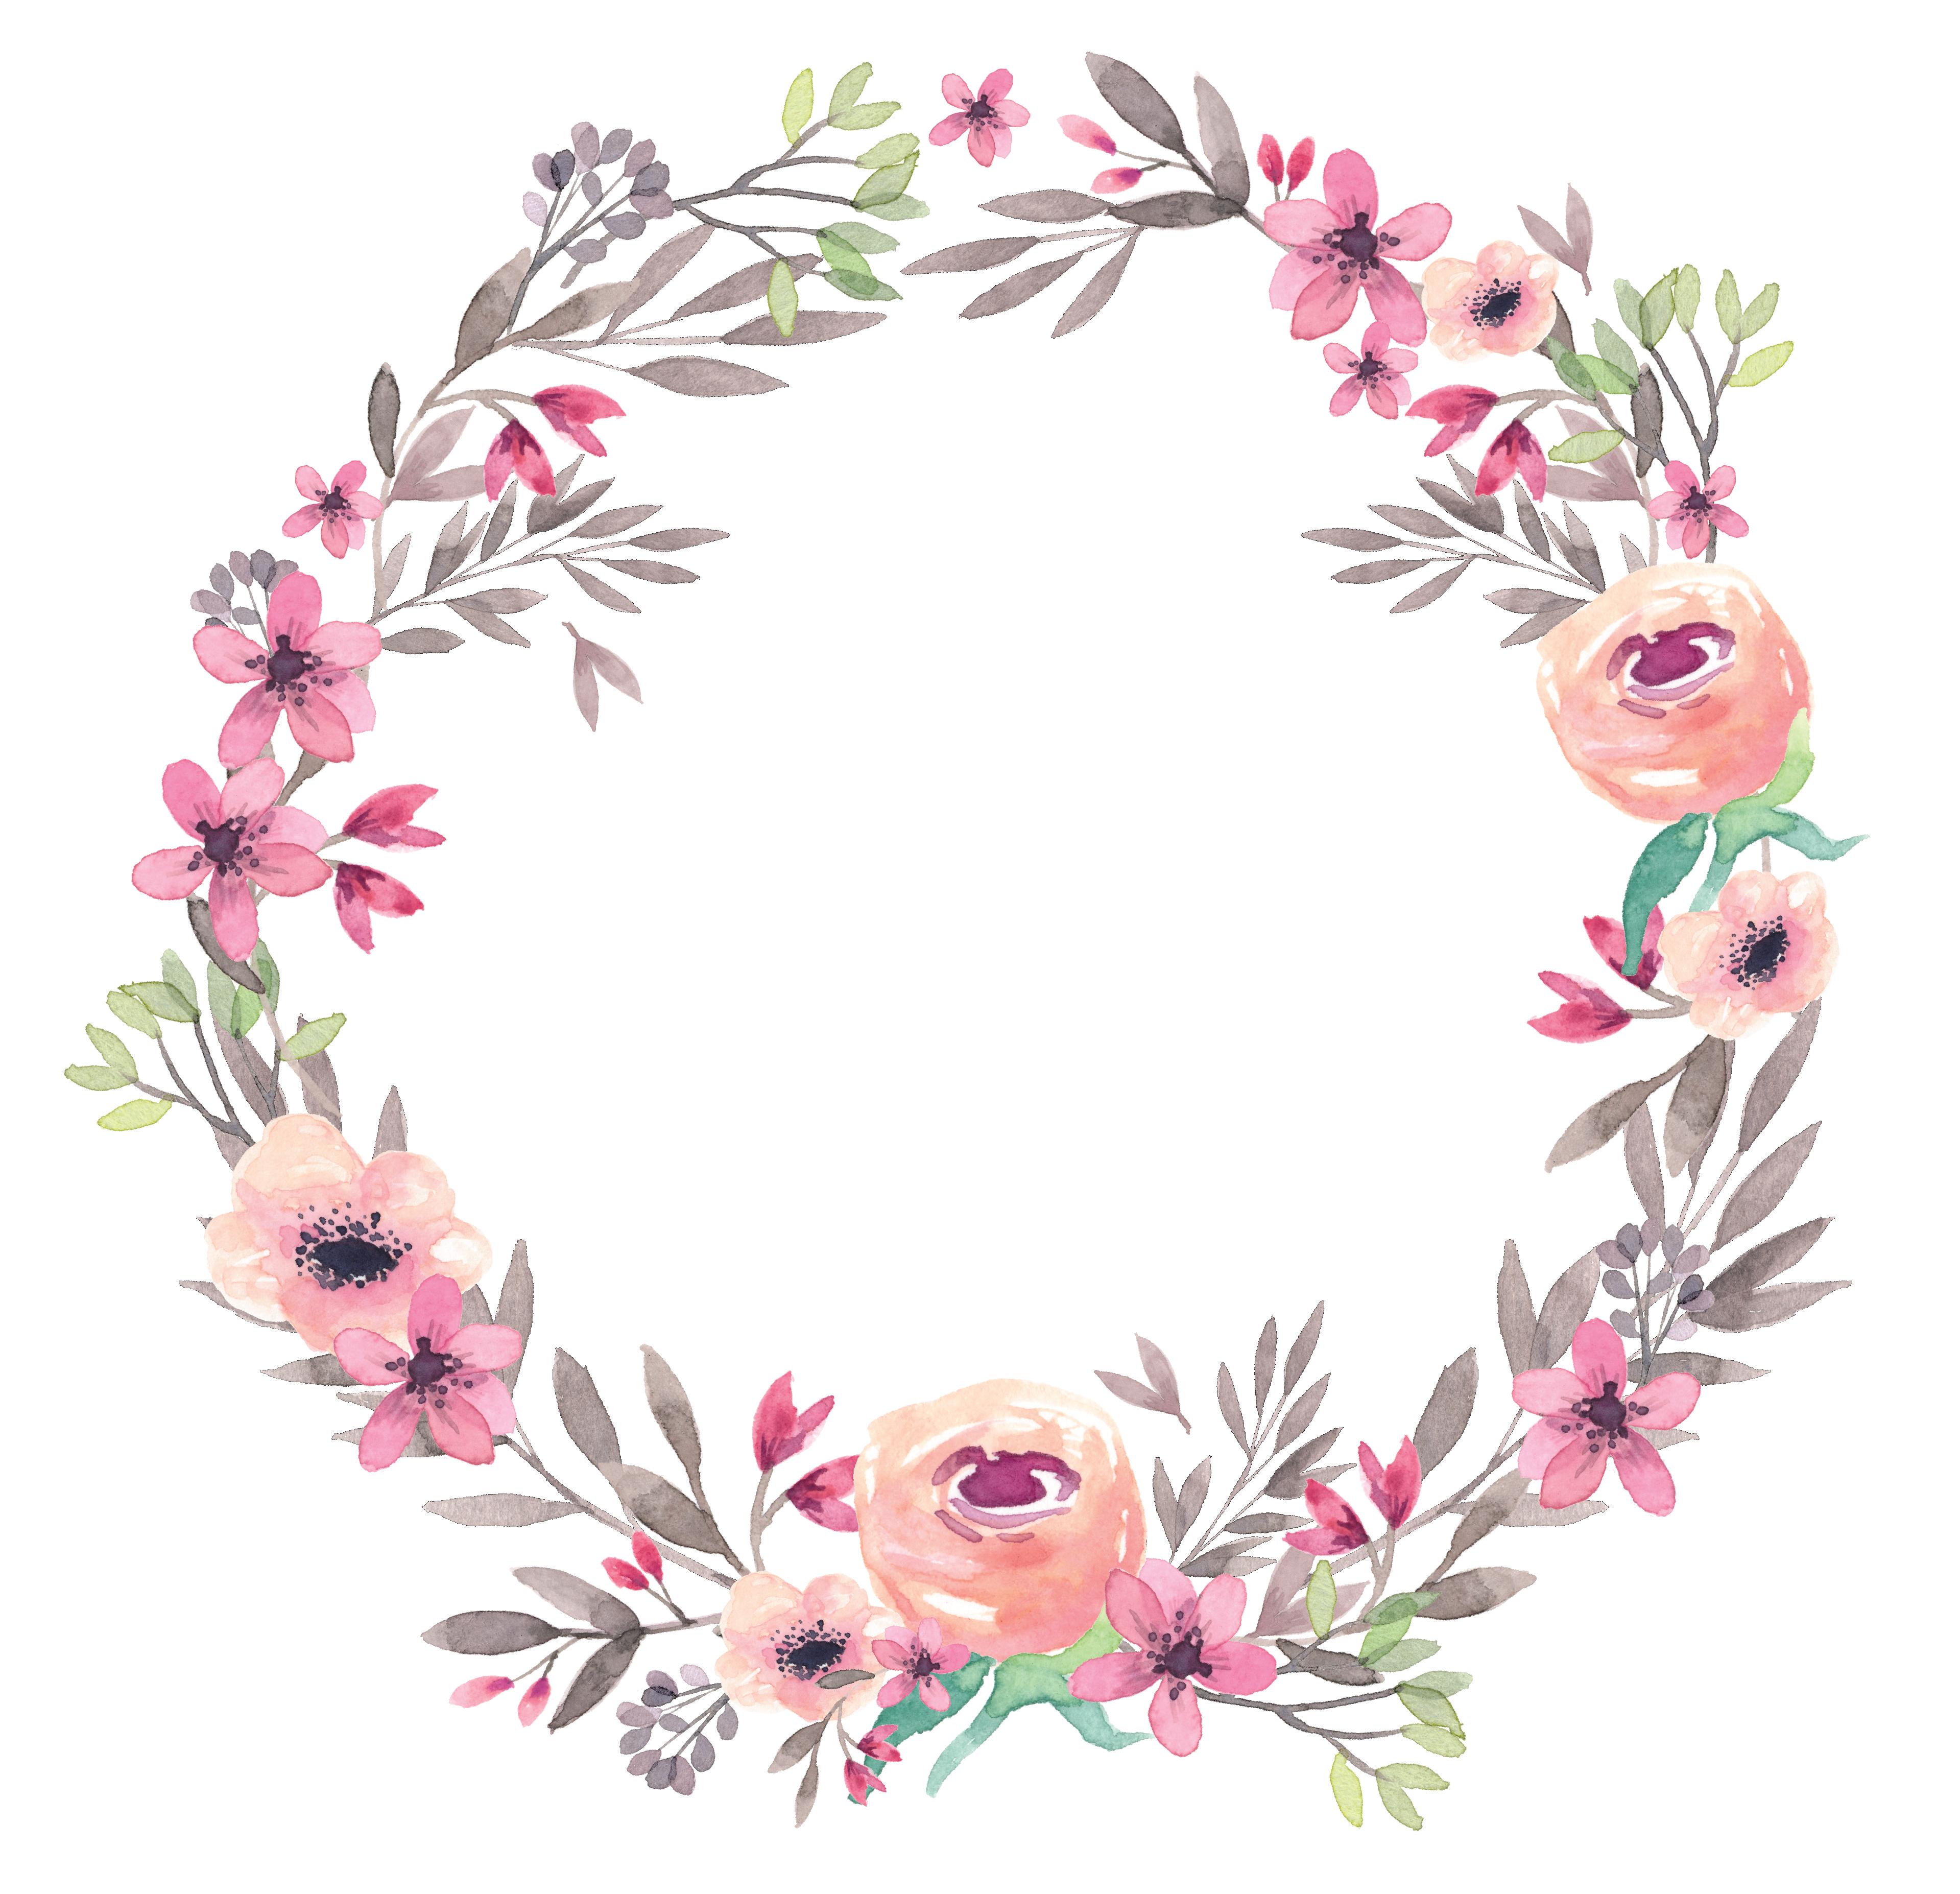 Https img fotki yandex. Clipart flower aesthetic